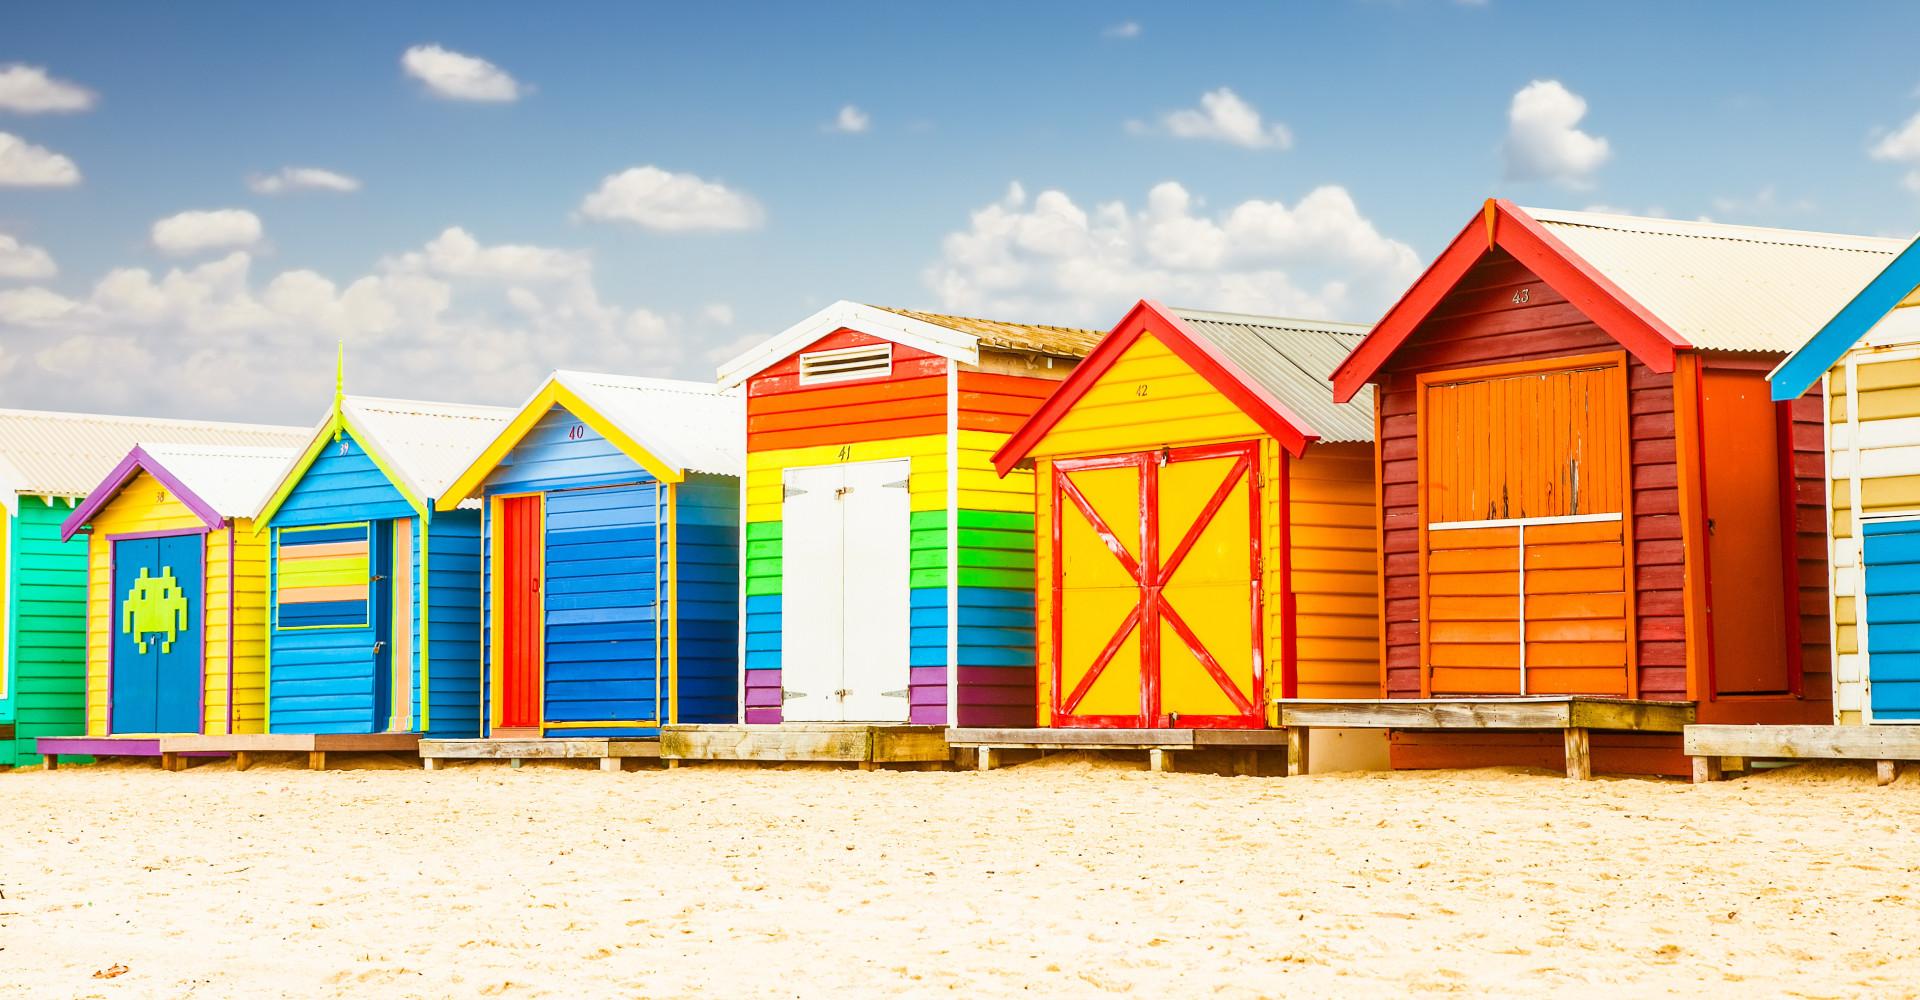 Australia's most colourful places